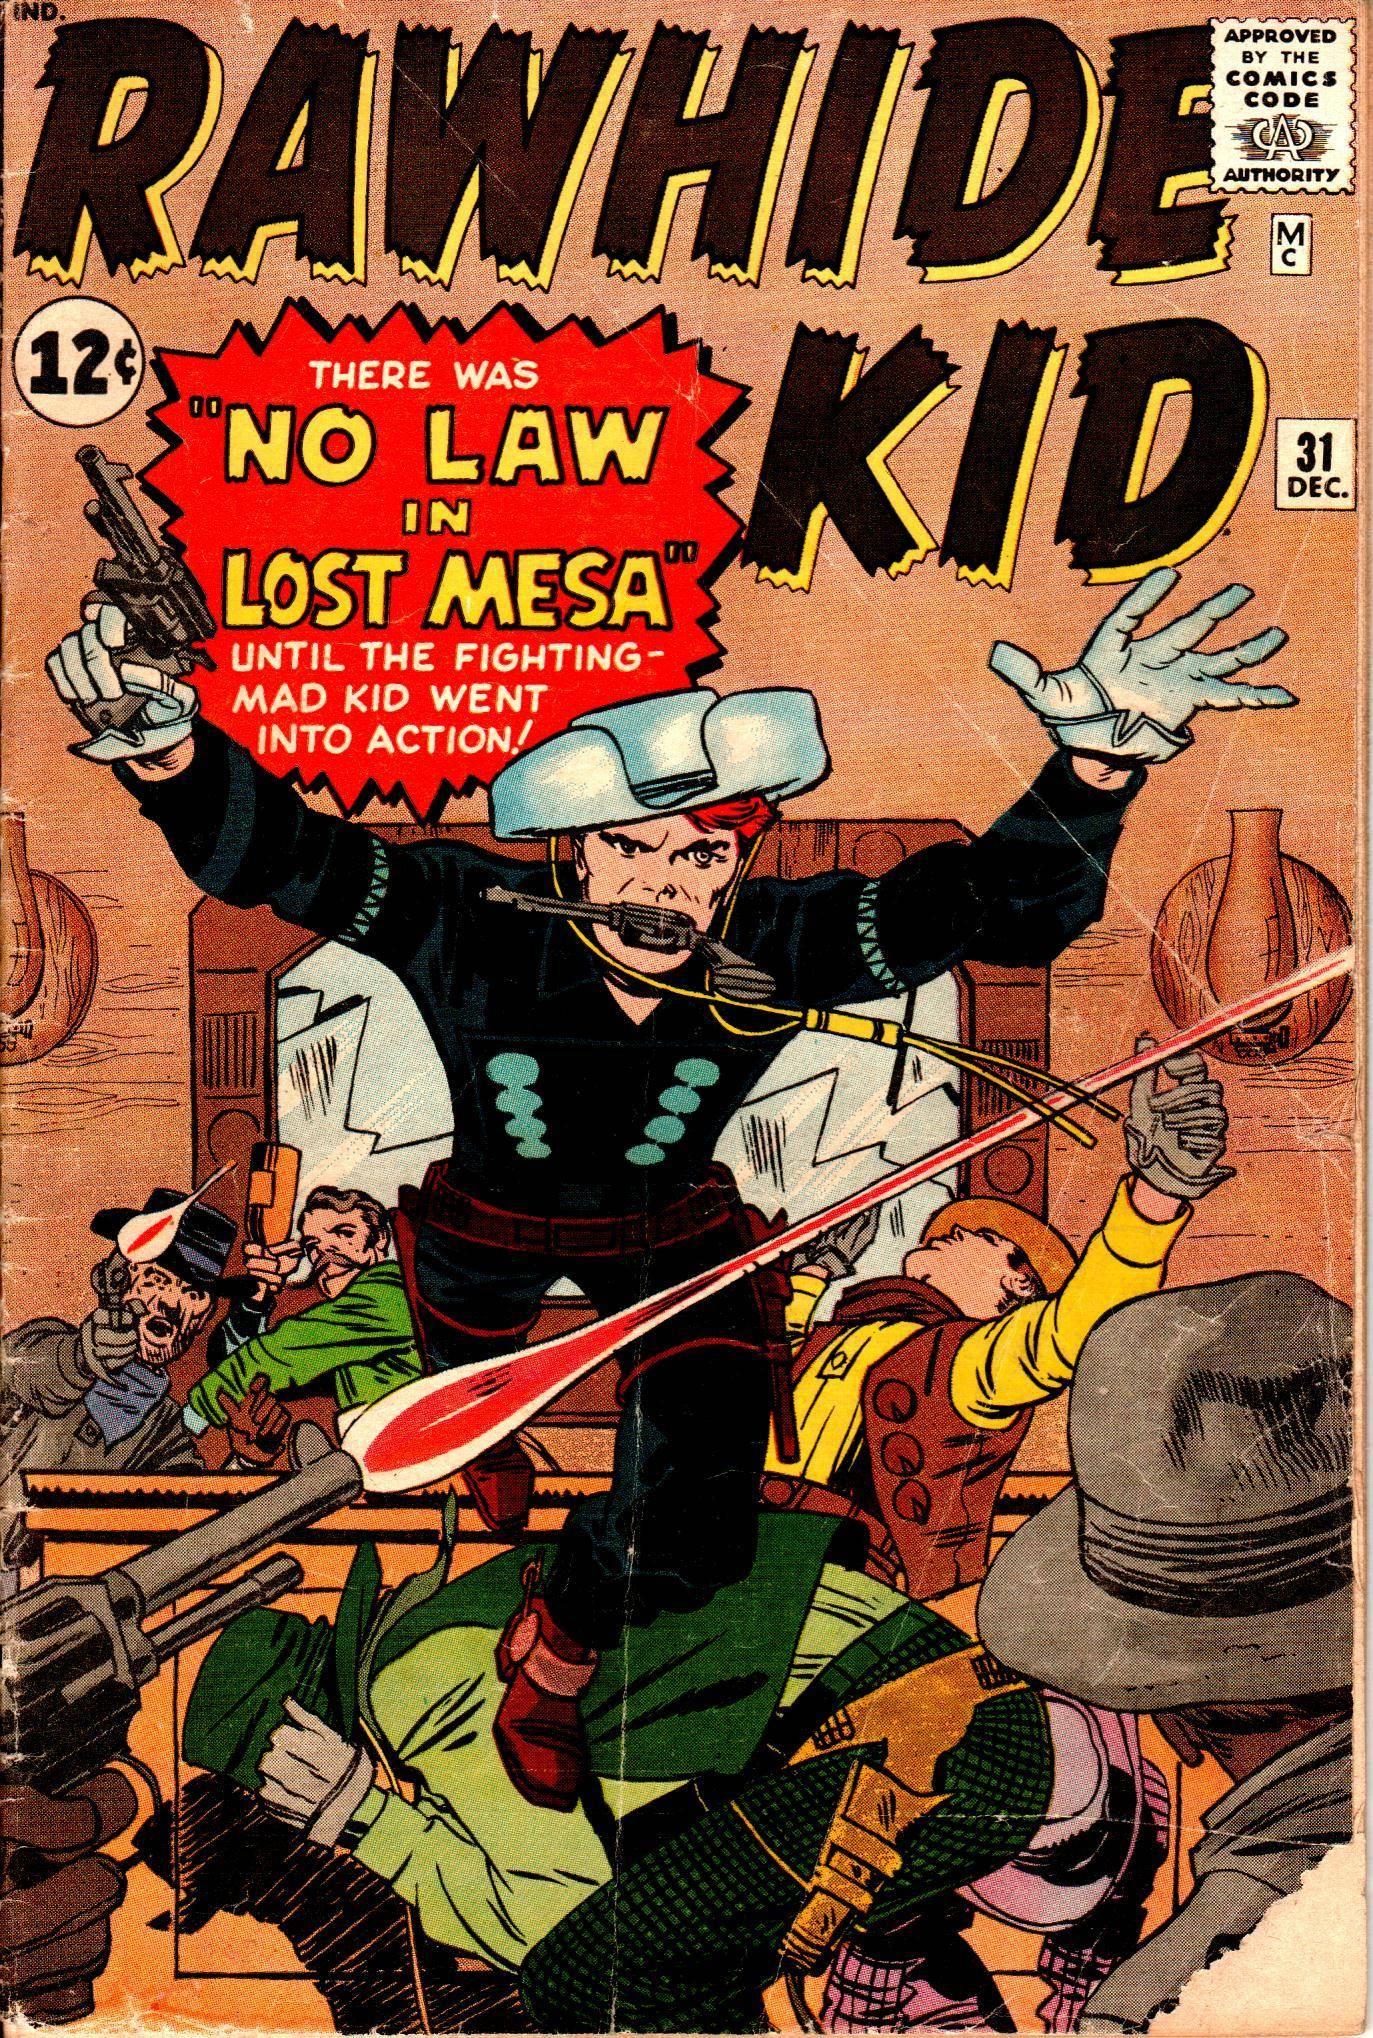 Rawhide Kid v1 031 1962